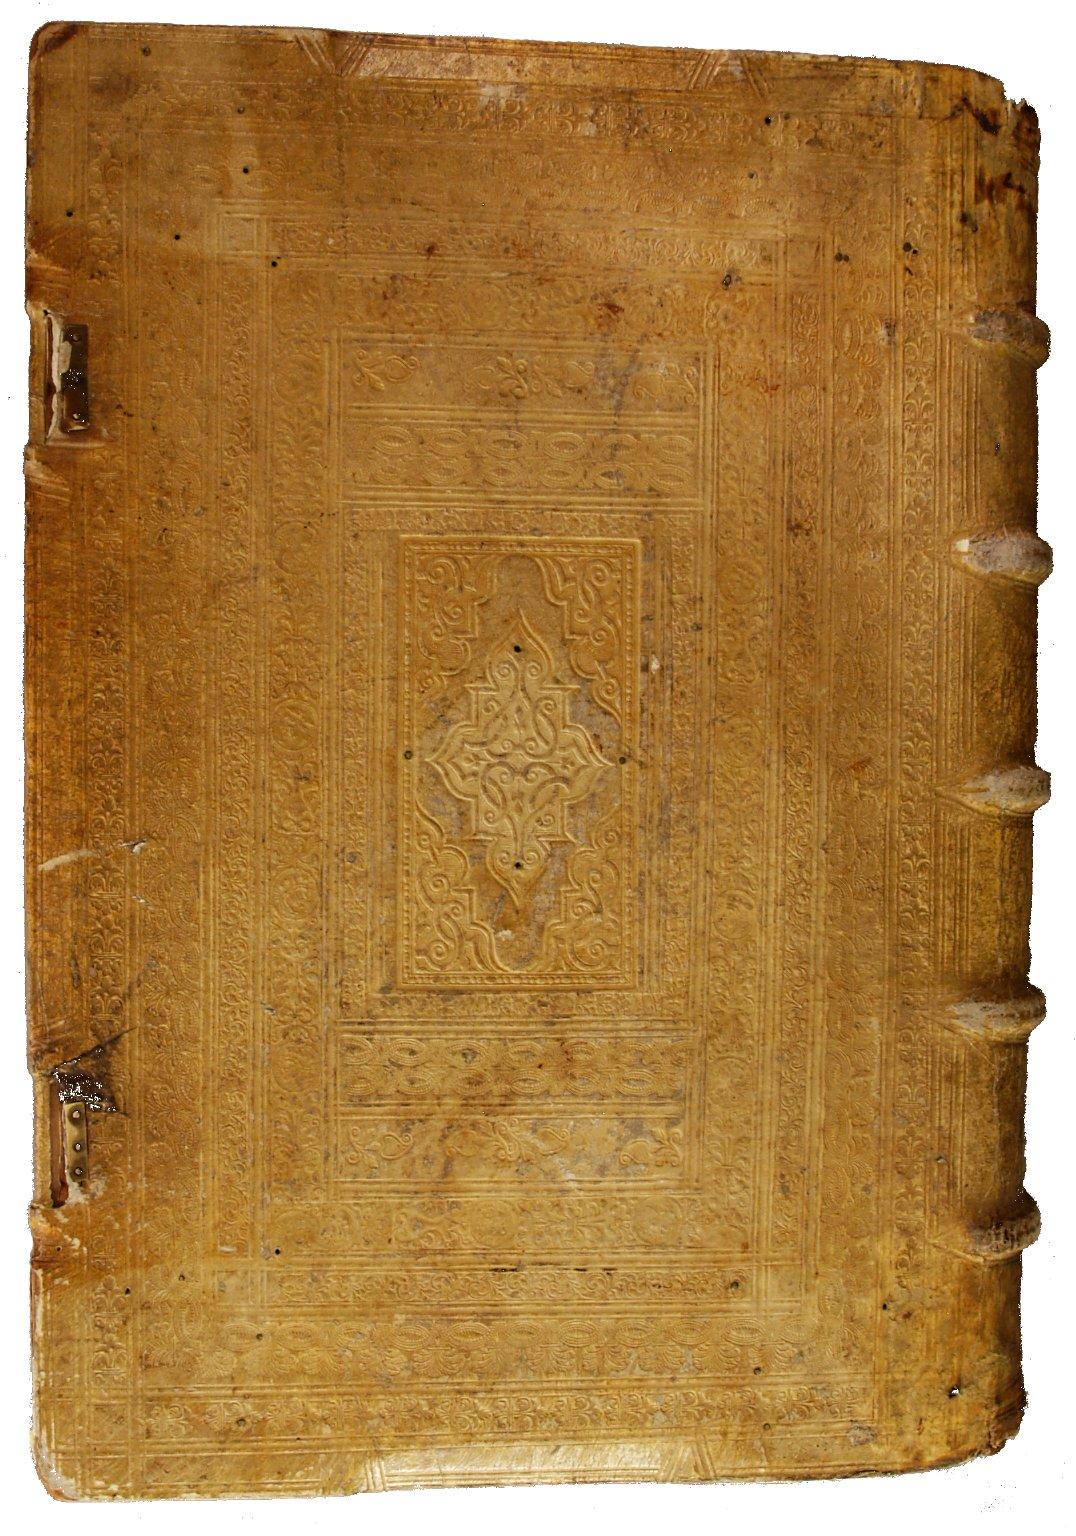 Back cover, INC B566.